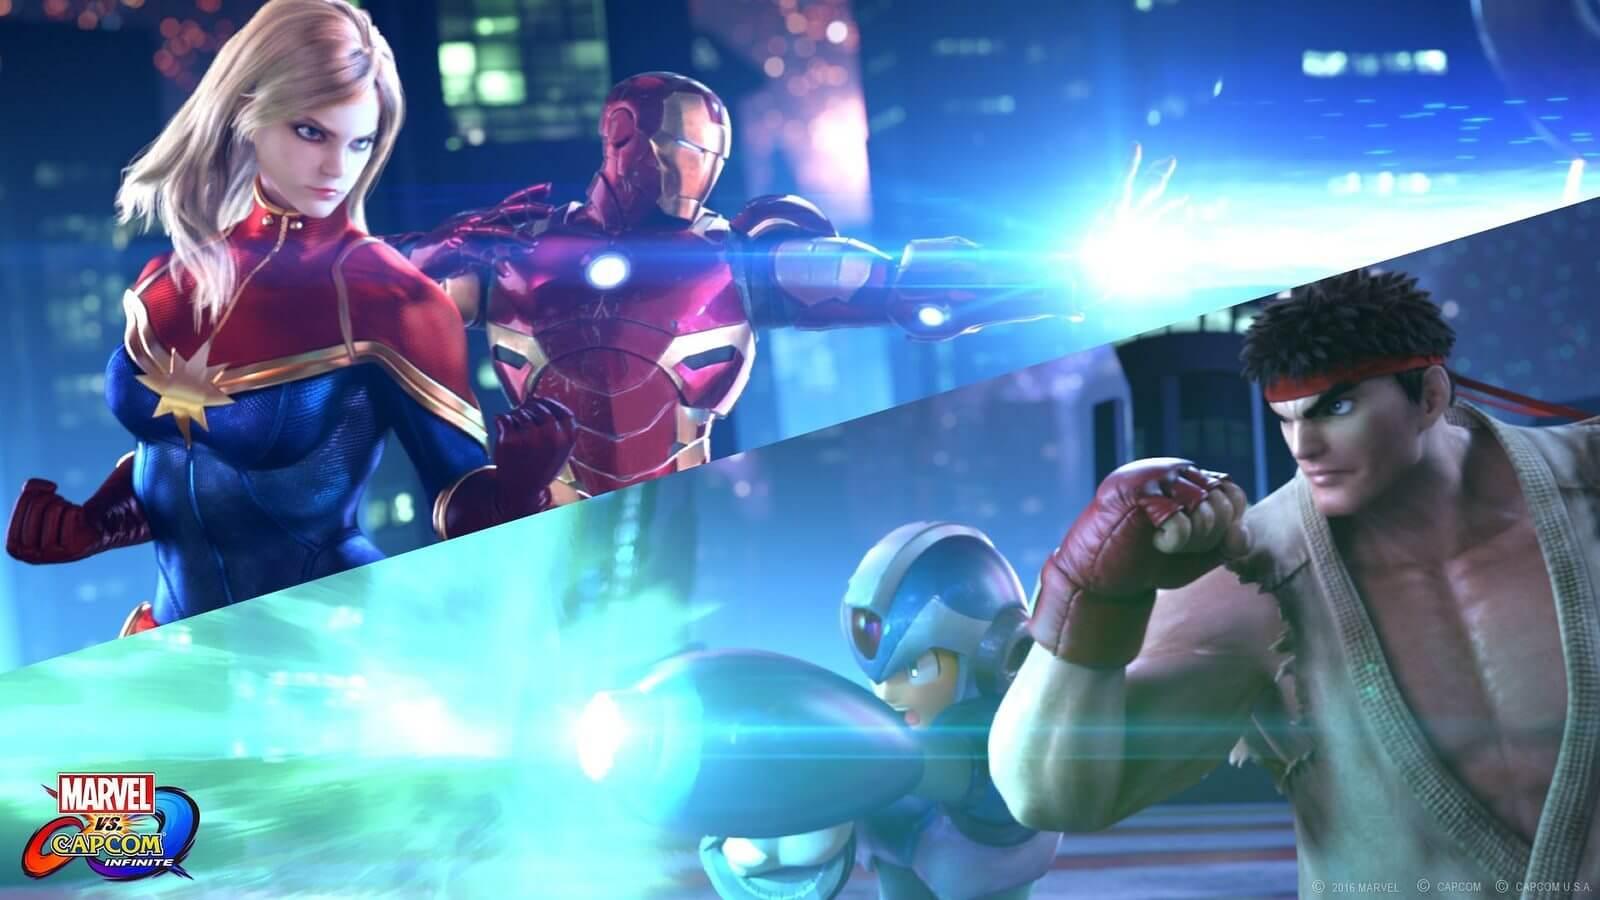 """Marvel vs. Capcom Infinite versus - """"Marvel vs. Capcom Infinite"""": heróis se enfrentam usando as Jóias do Infinito"""